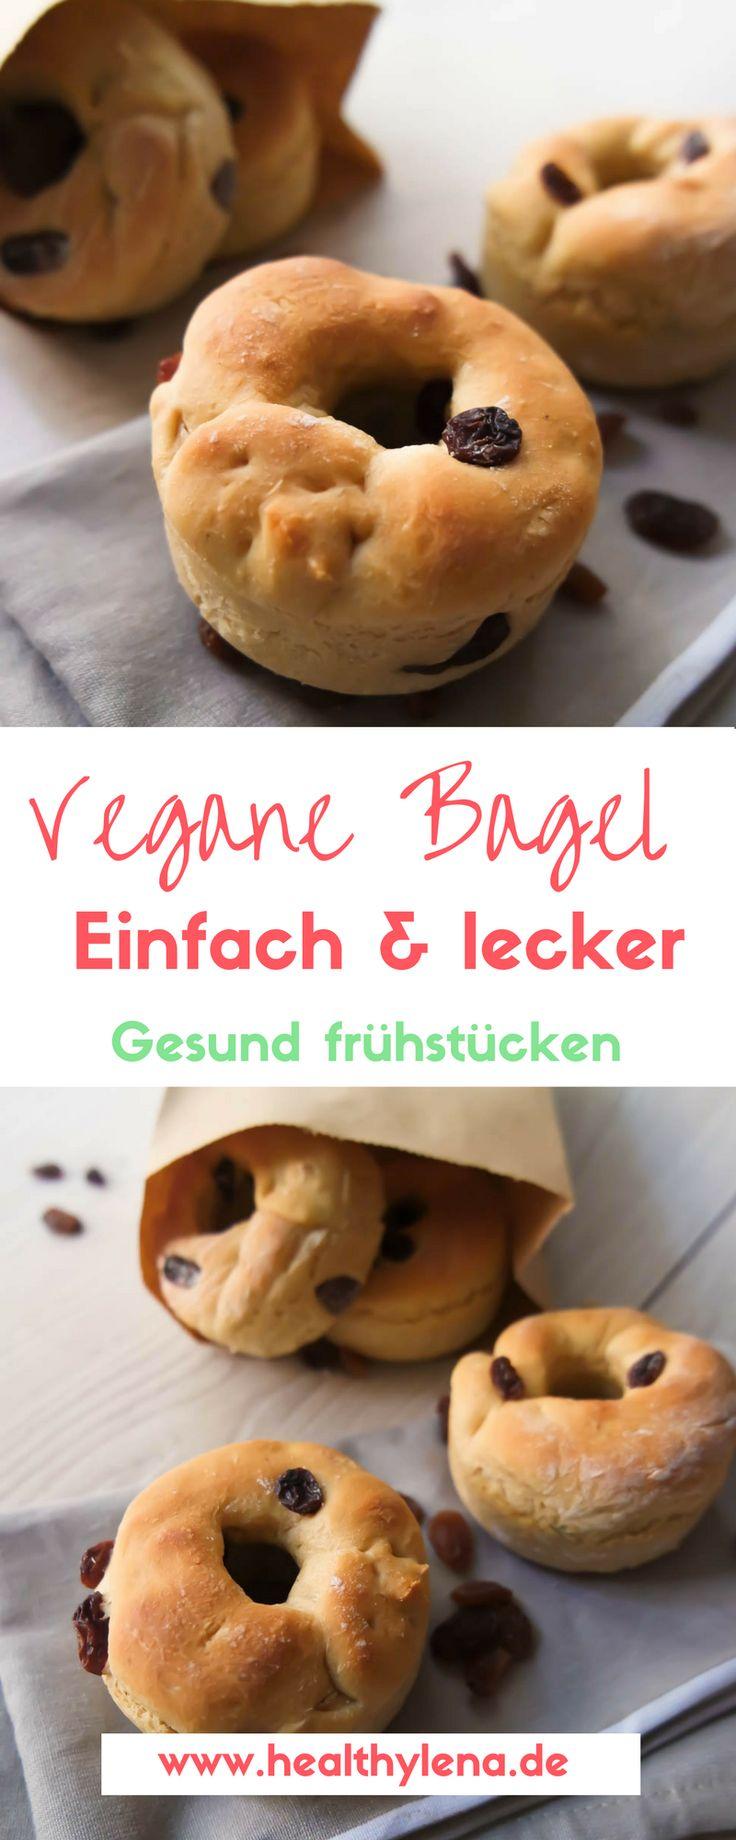 Vegane Bagel mit oder ohne Rosinen - gesund und lecker frühstücken leicht gemacht. Hier geht's zum Rezept für das vegane Frühstück oder den Snack zwischendurch. #backen #lecker #leicht #fettarm #gesund #healthylena #lowfat #sonntag #vegan #ohnesoja #rezepte #brötchen